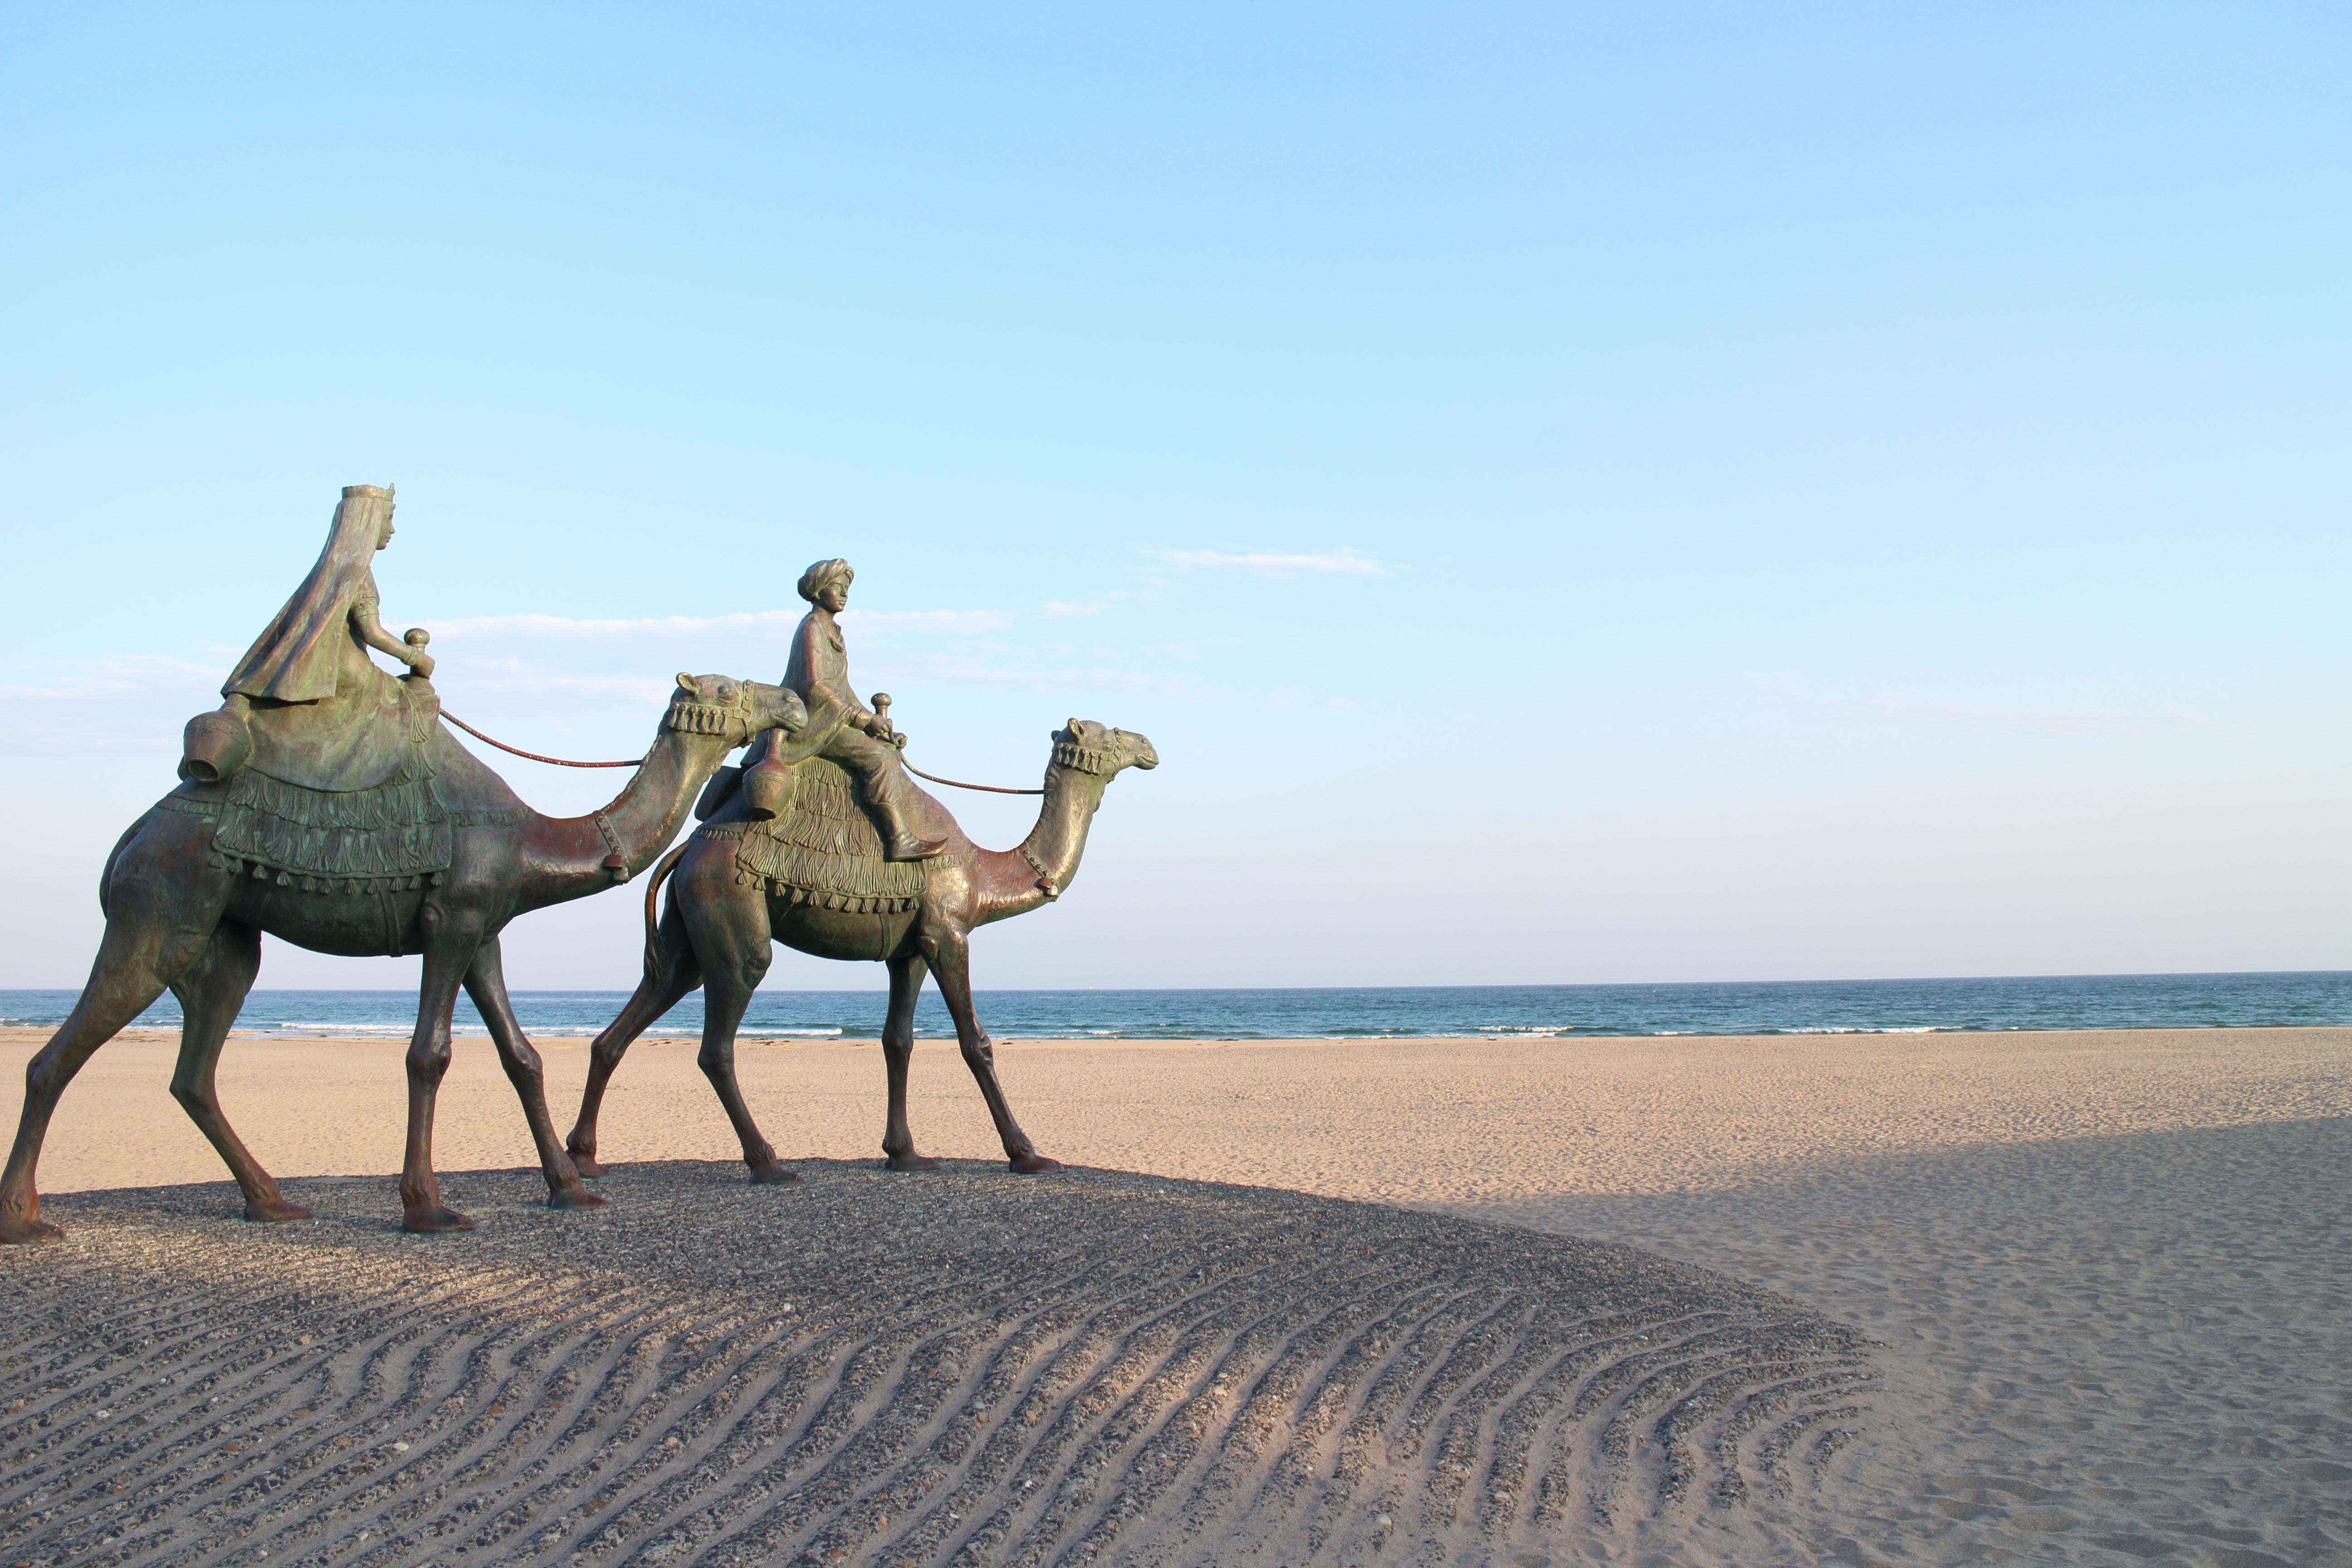 【千葉・御宿(おんじゅく)】海のリゾートで1泊のんびり何もしない旅。海の幸と地酒が美味しかったよ!